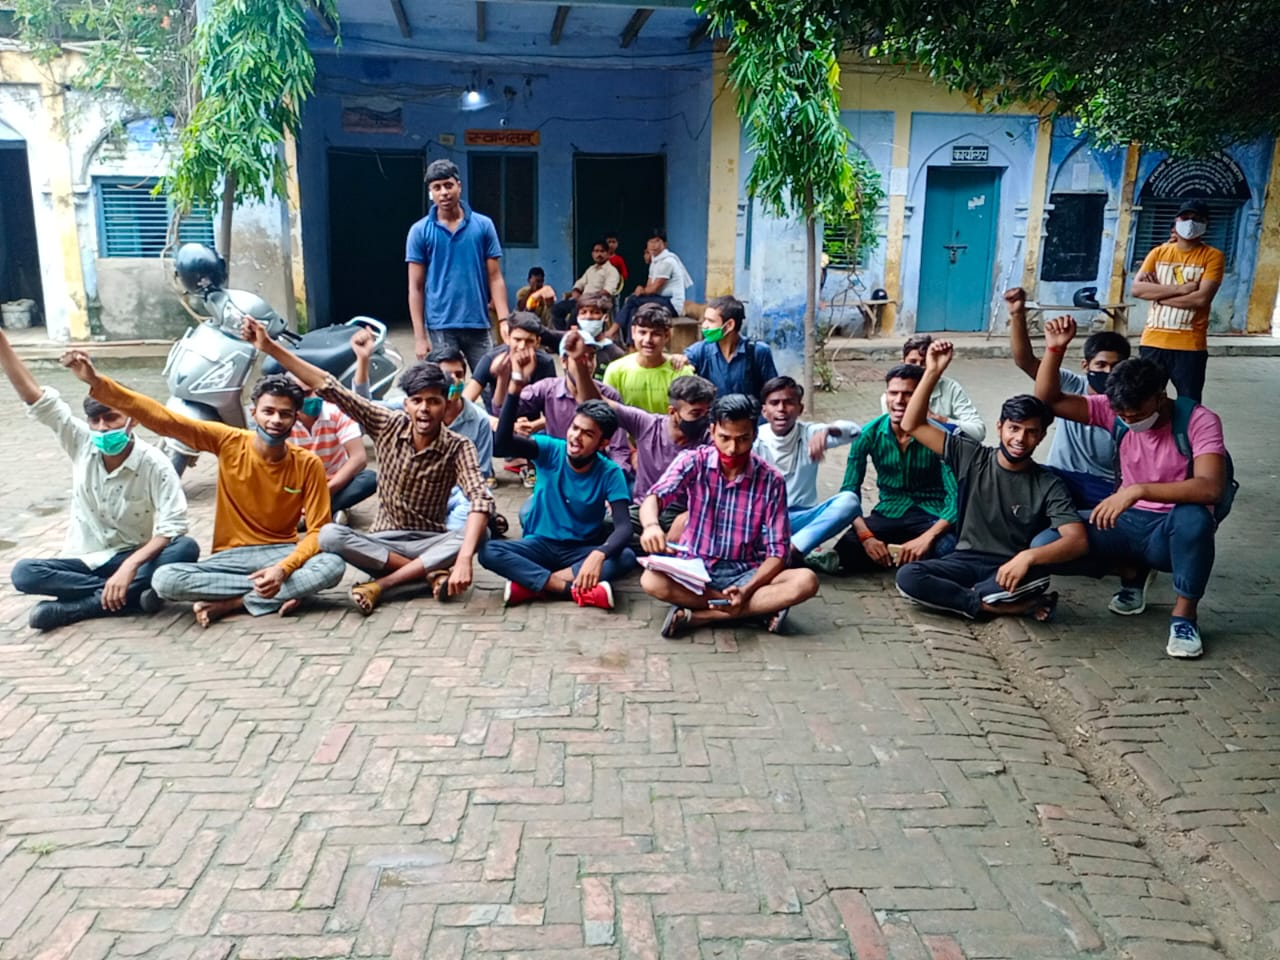 आगरा के एनसी वैदिक इंटर कॉलेज में छात्रों का हंगामा, 12वीं की मार्कशीट में नहीं हैं अंक, केवल लिखा है प्रमोटेड|आगरा,Agra - Dainik Bhaskar